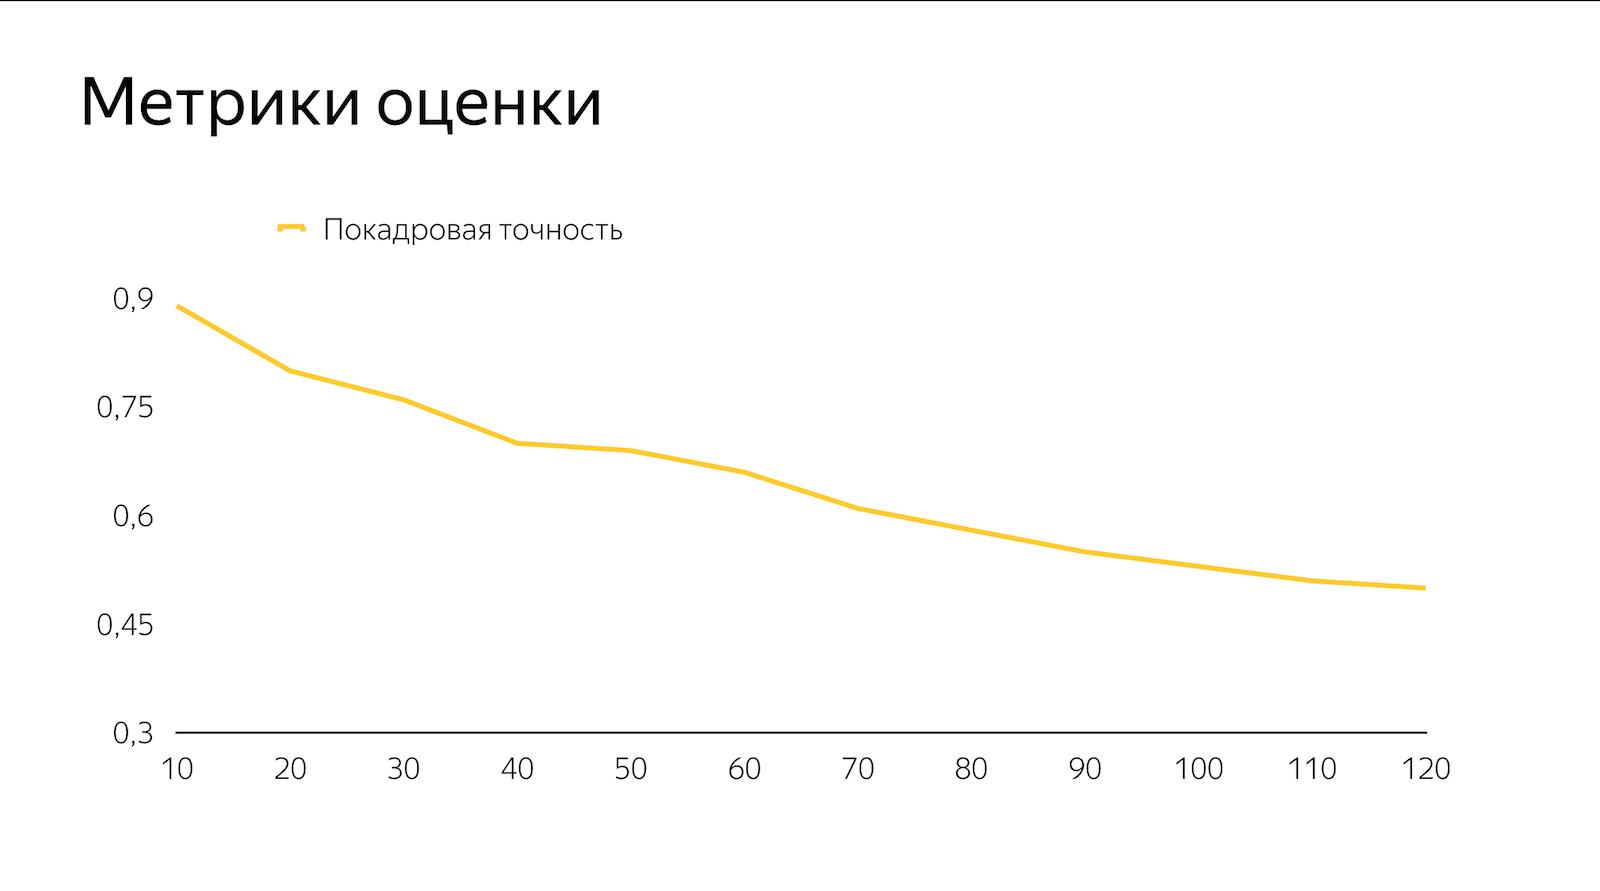 Яндекс использовал нейросеть и научился прогнозировать осадки с точностью до минут - 7